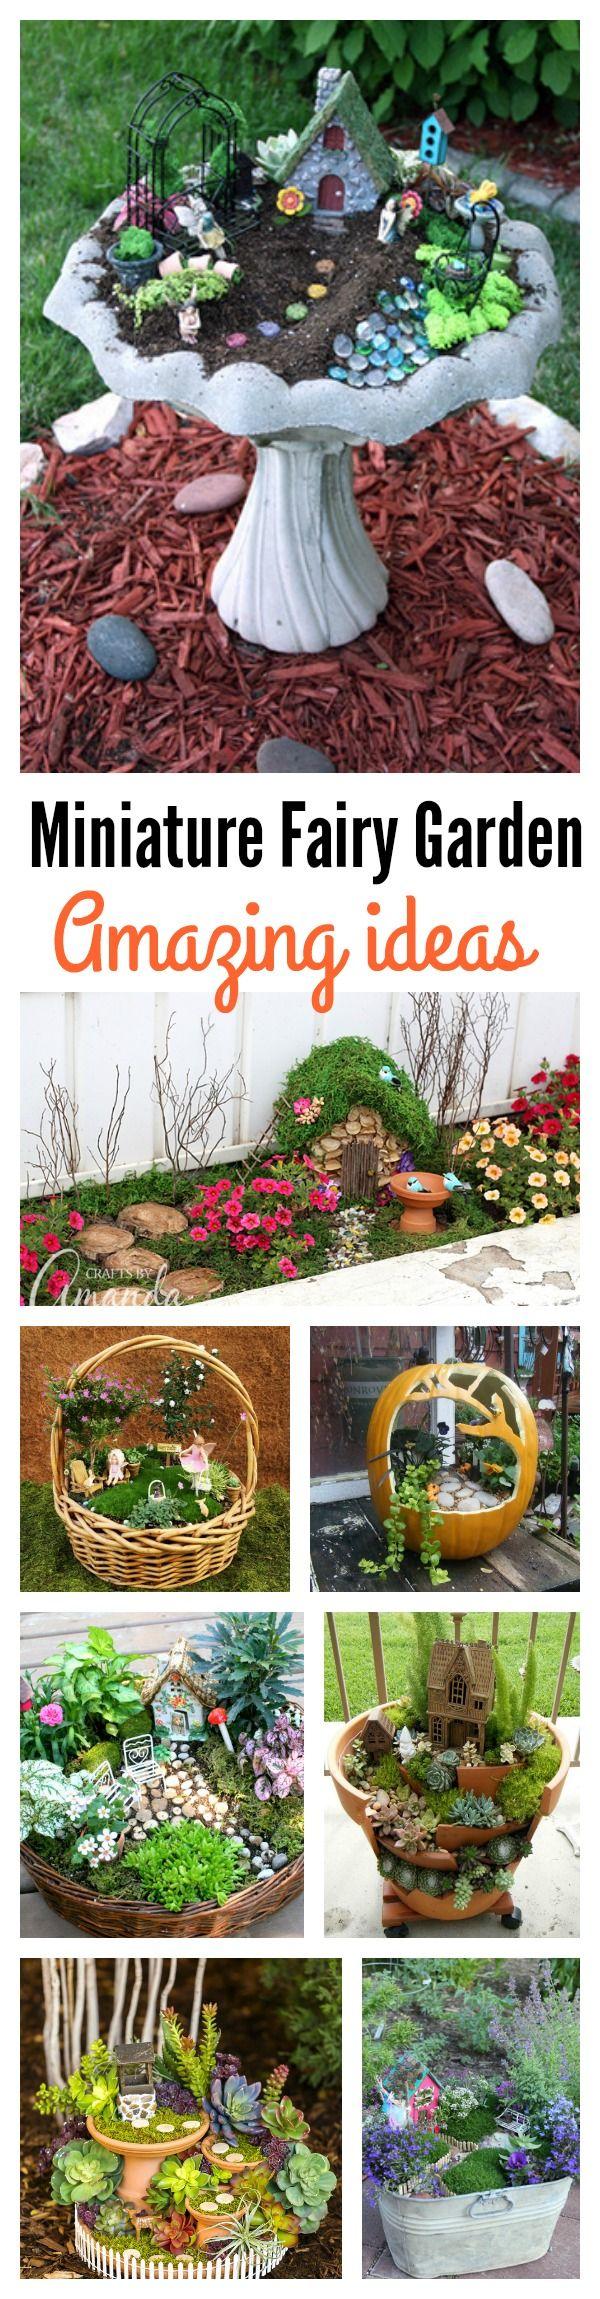 8 Amazing Miniature Fairy Garden DIY Ideas | DIY ideas, Fairy and ...